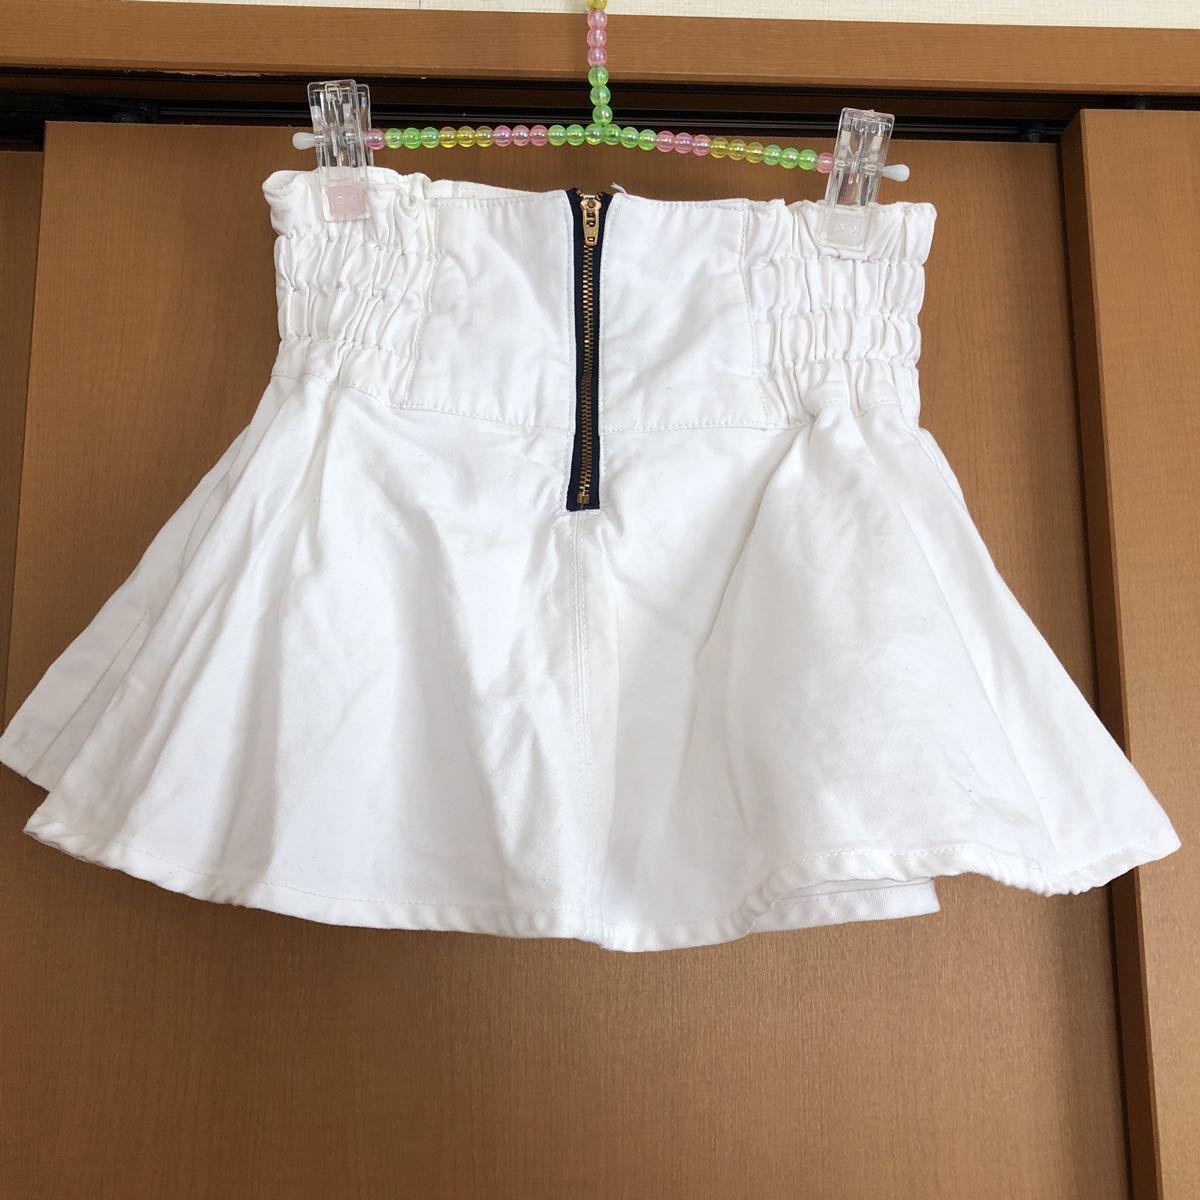 rapipi armario レピピアルマリオ スカパン 140 ホワイト デニム 白 スカート